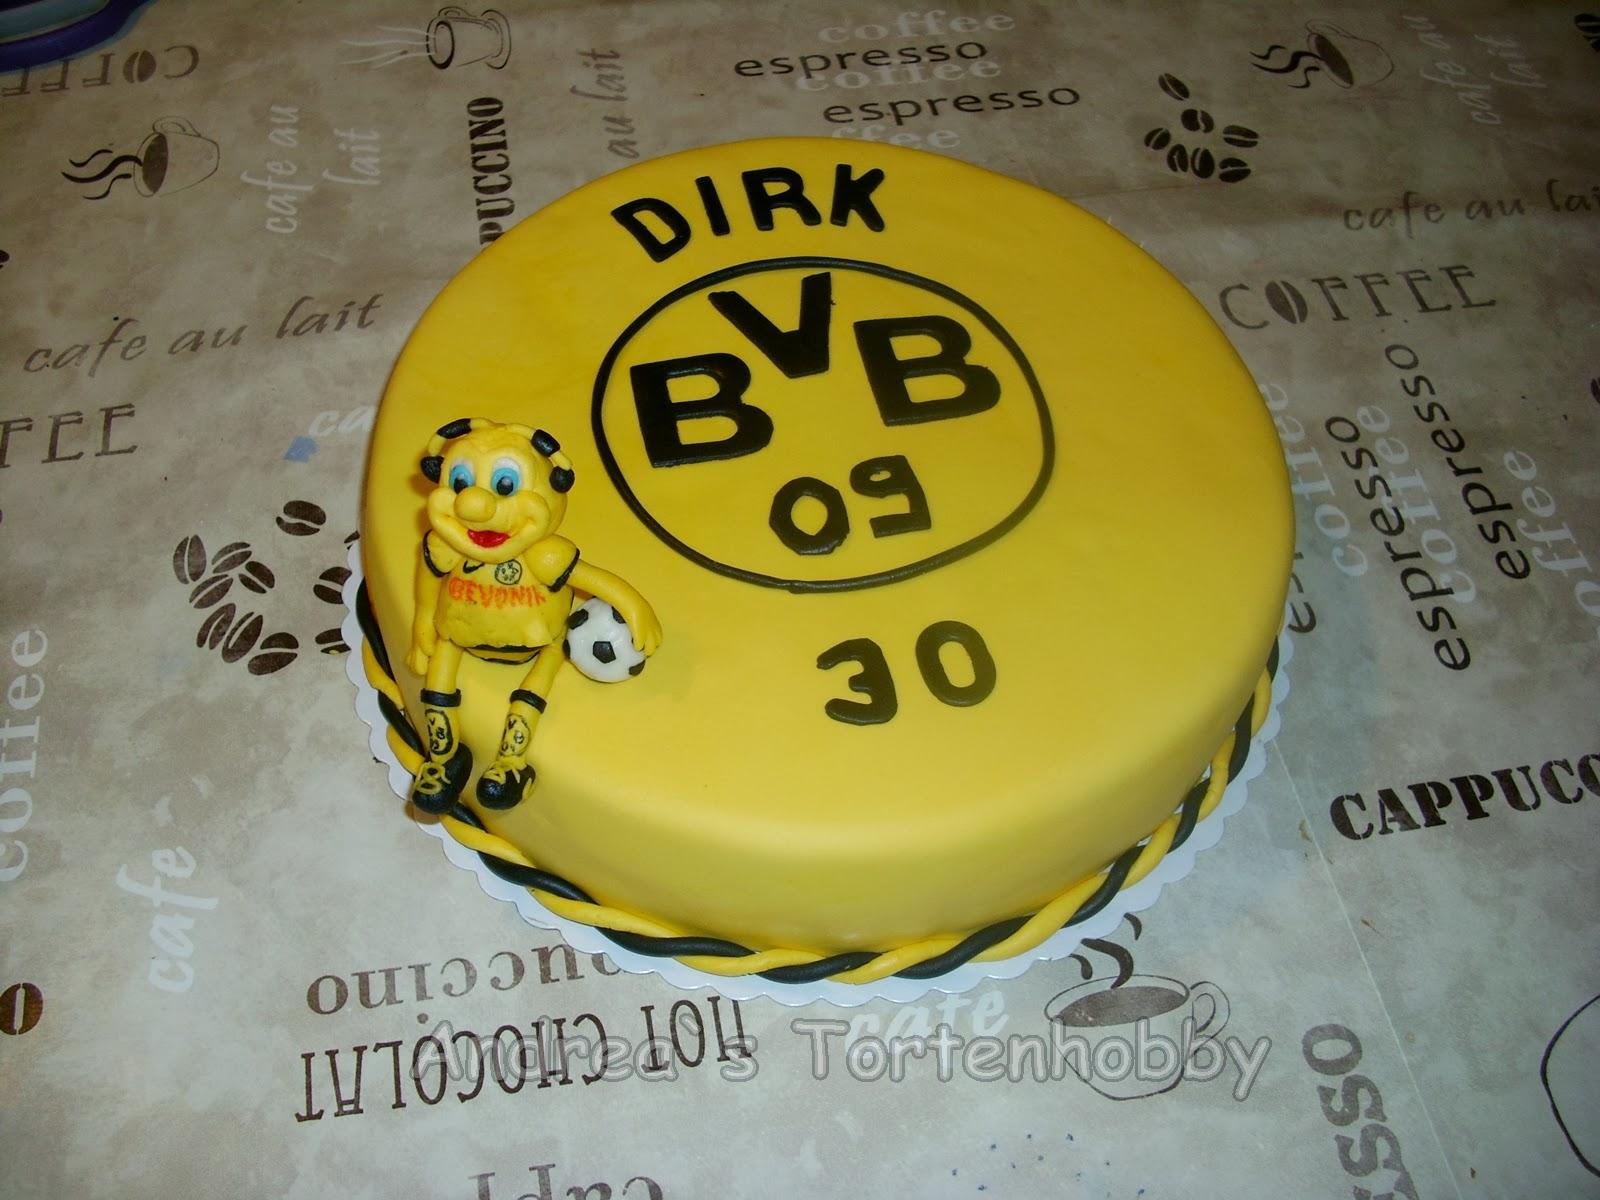 Andrea s tortenhobby bvb torte for Kuchen dortmund